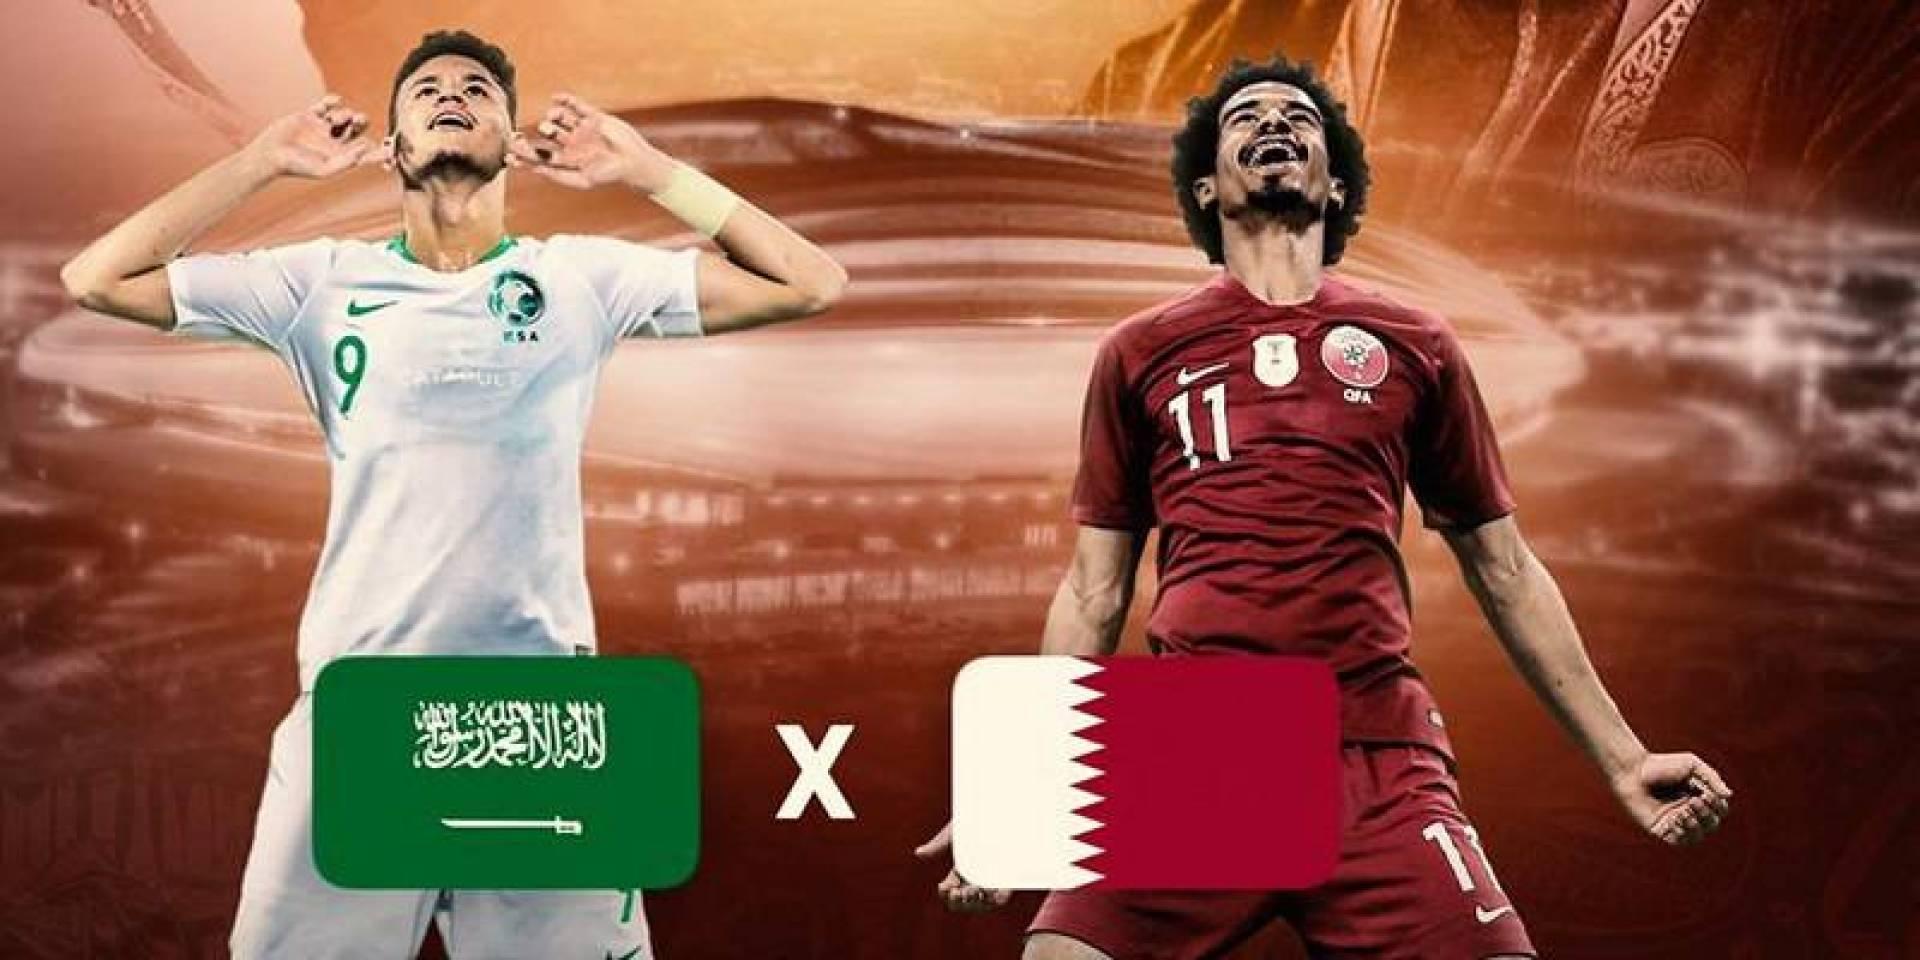 السعودية تفوز على قطر وتضرب موعداً مع البحرين في نهائي «خليجي24»